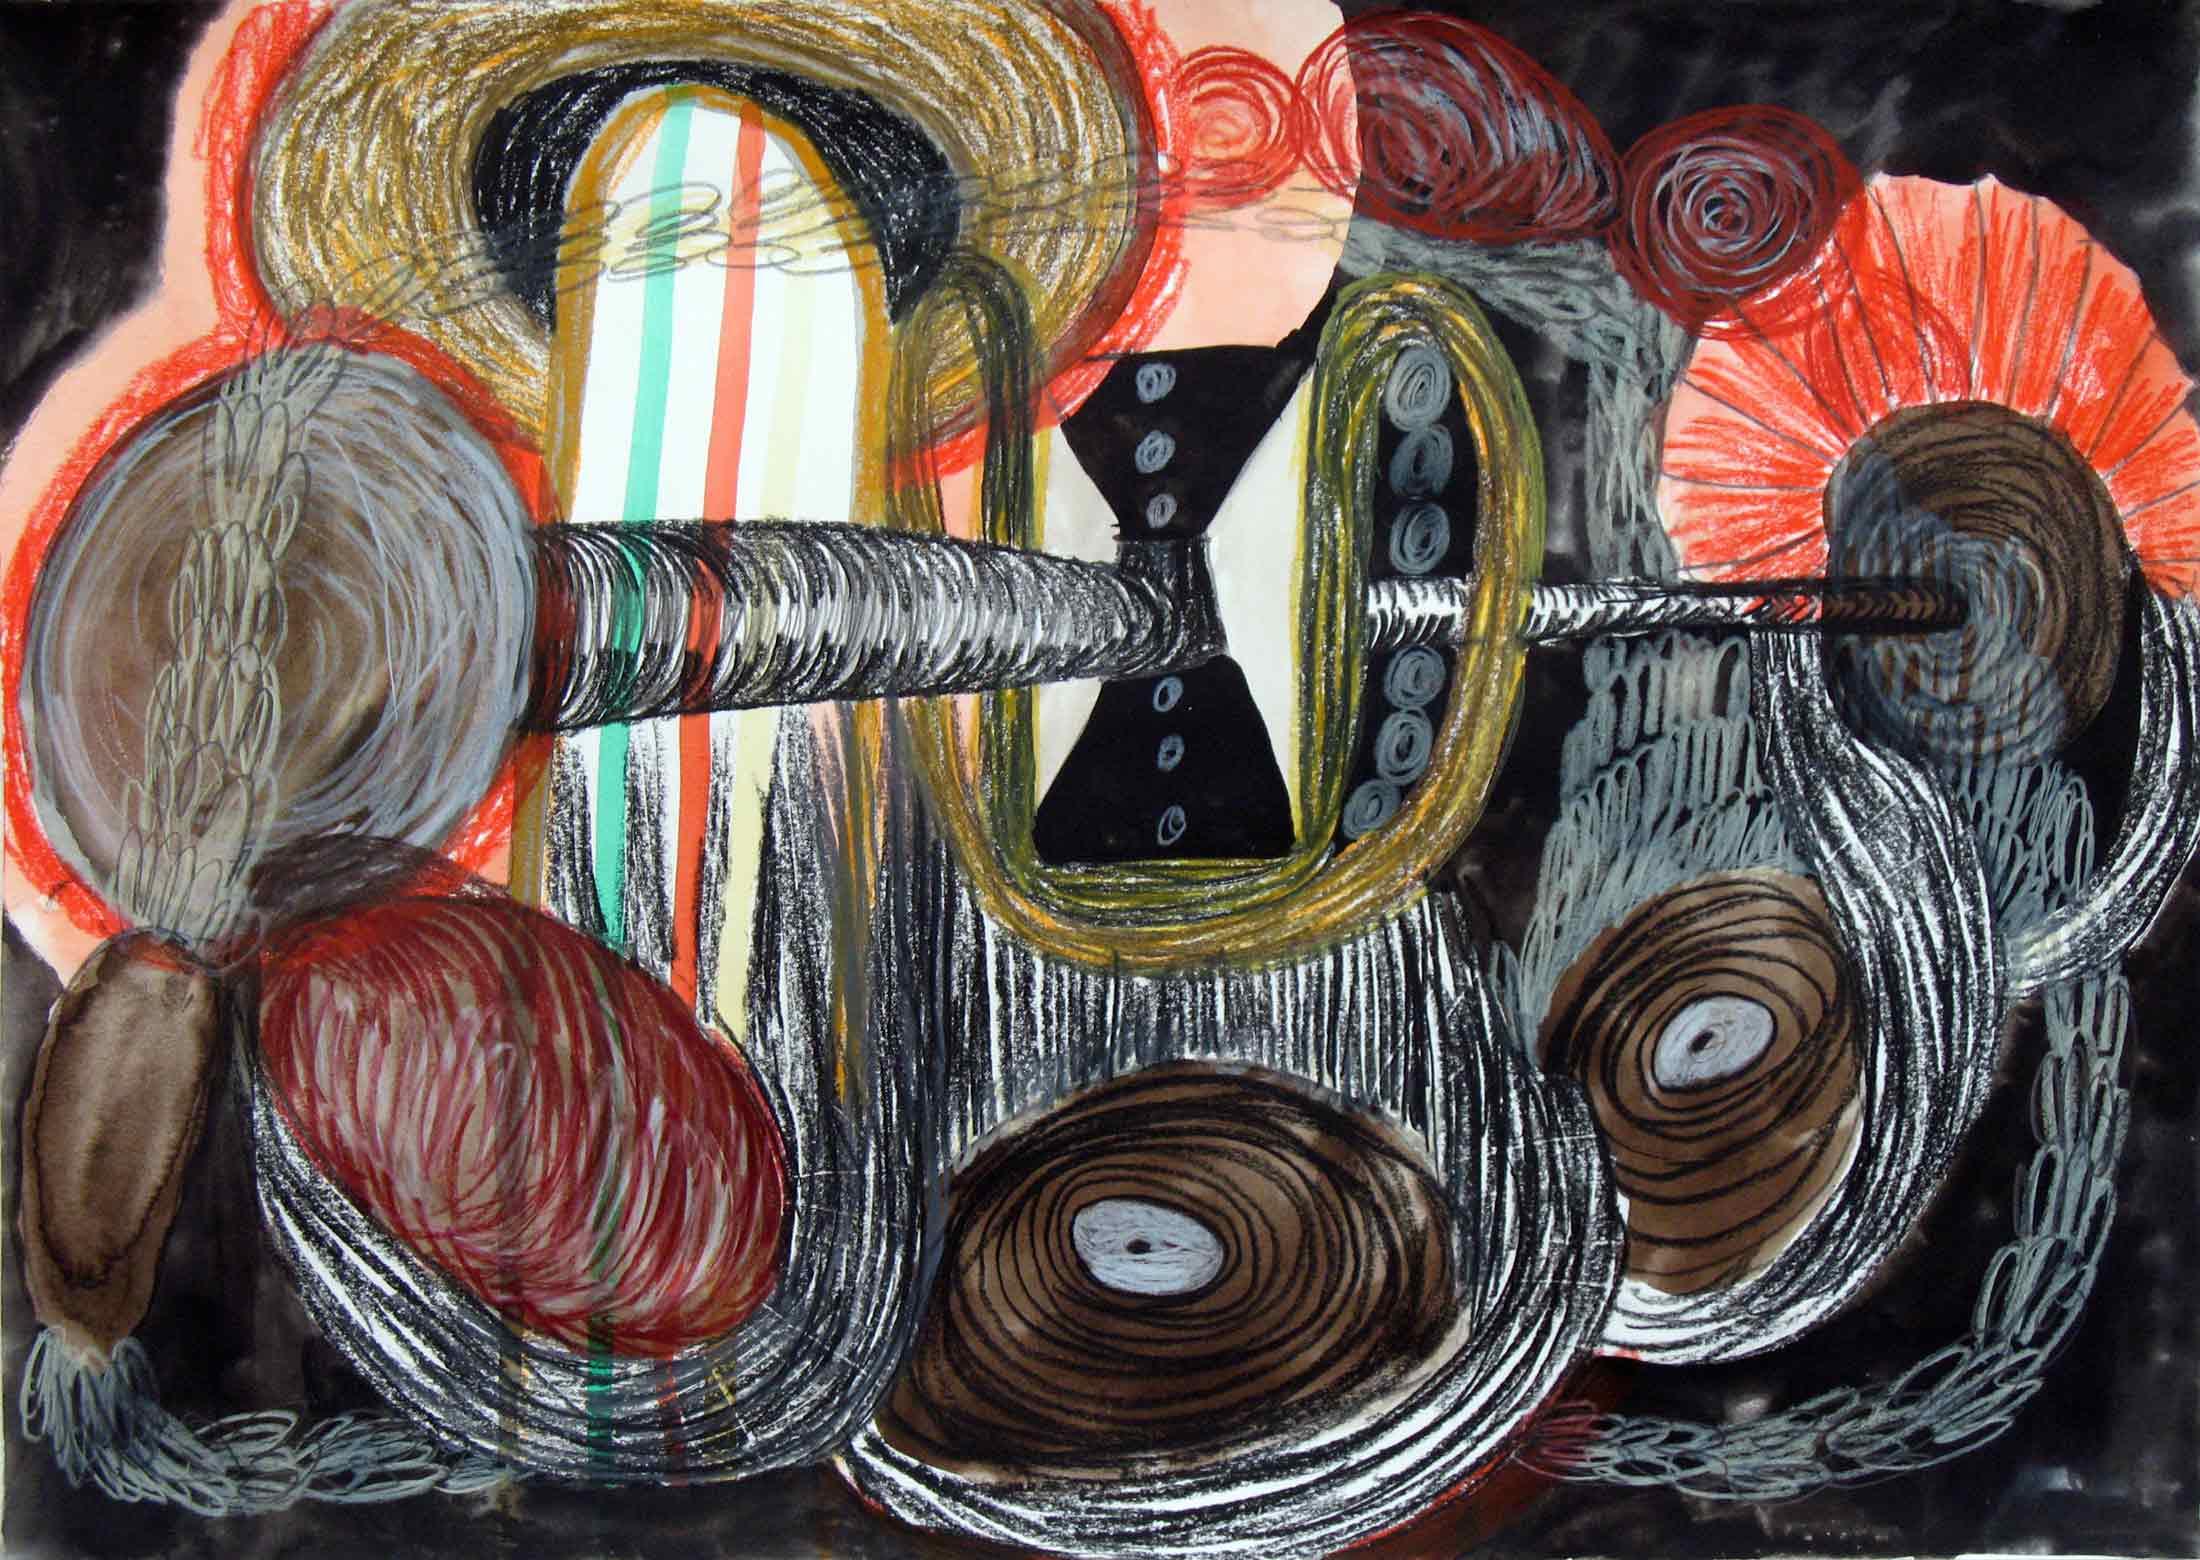 Uit de serie  Verwachtingen (Expectations)  potlood, inkt, gouache, aquarel 29 x 42 cm, 2012